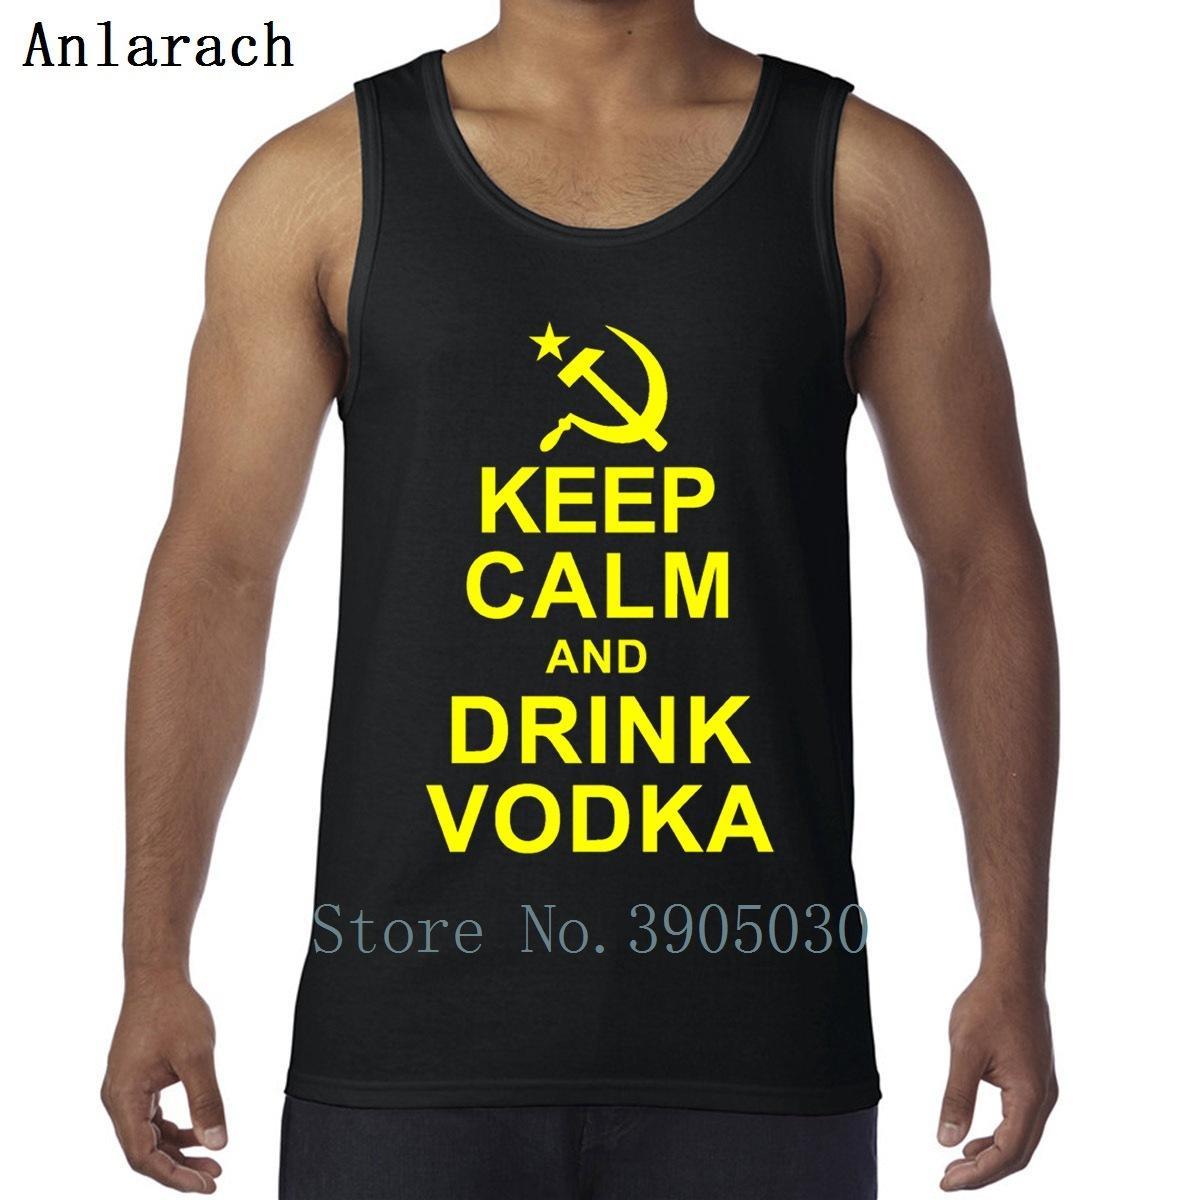 Halten Sie Ruhe Getränk Wodka russische Sportwesten normales Training Frühjahr Herbst Herren-ärmelloses T-Shirt Baumwolle Bodybuilding Art und Weise erstellen